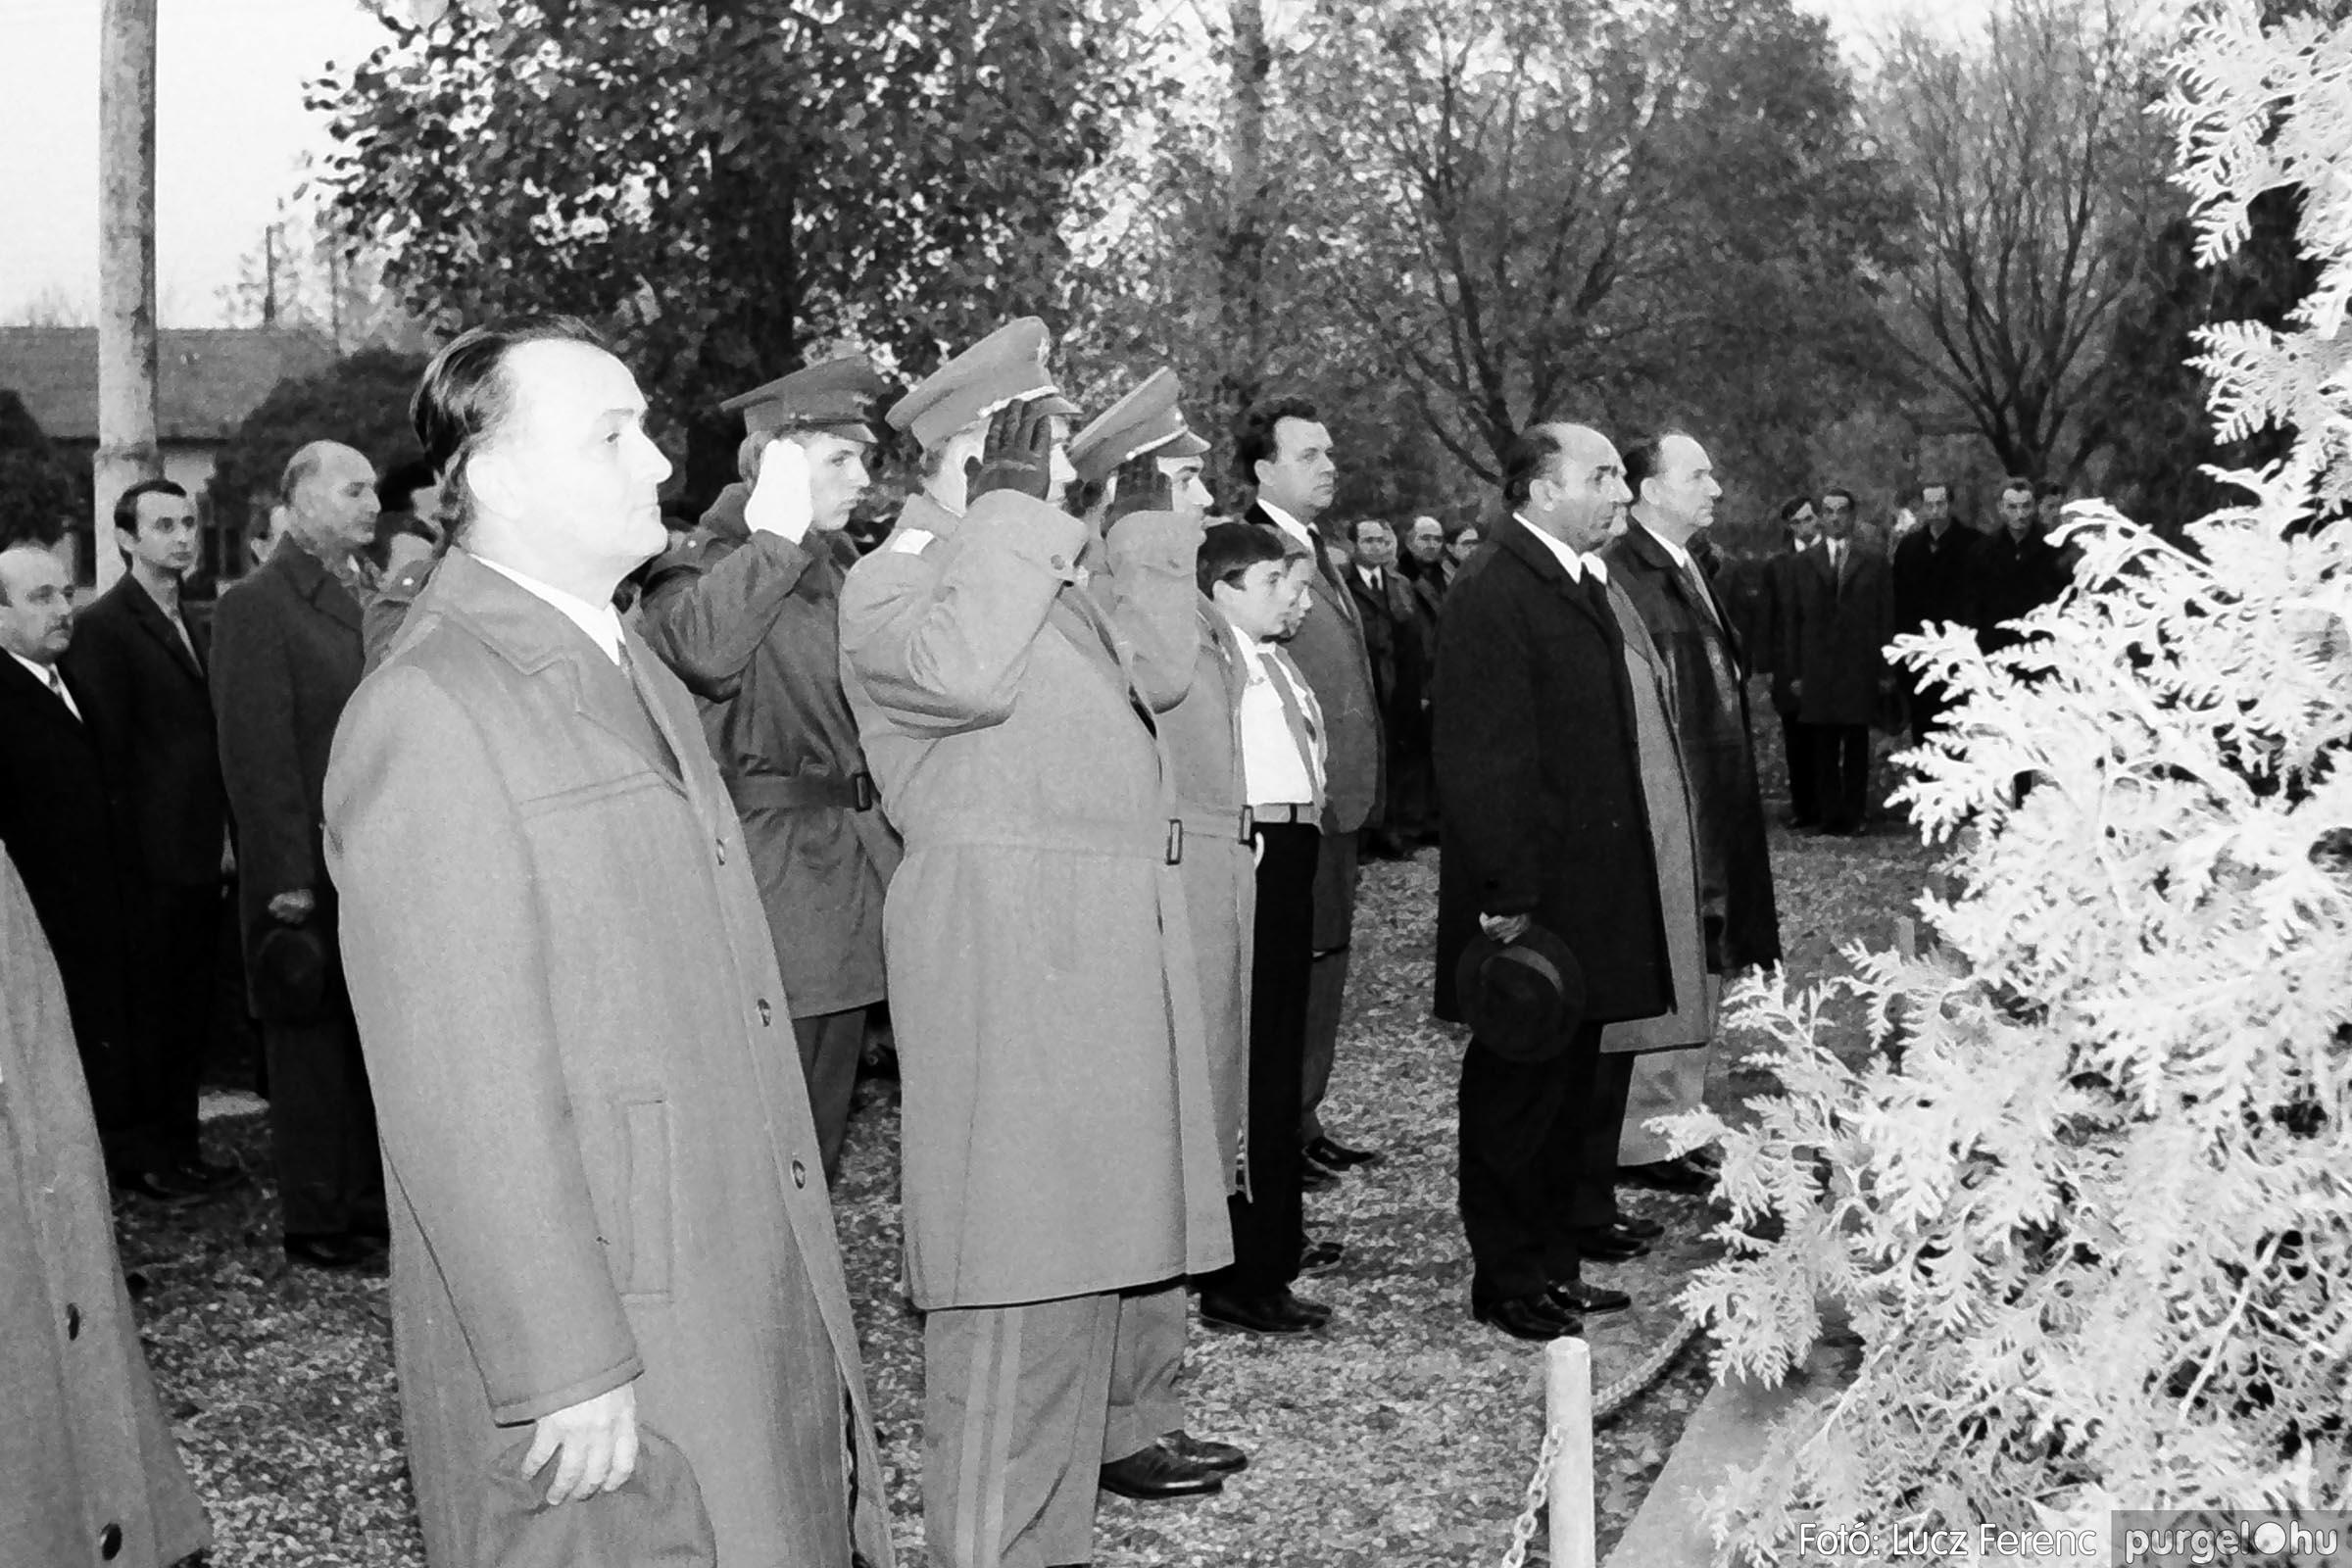 002 1970-es évek - November 7-i ünnepség 012 - Fotó: Lucz Ferenc - IMG01096q.jpg